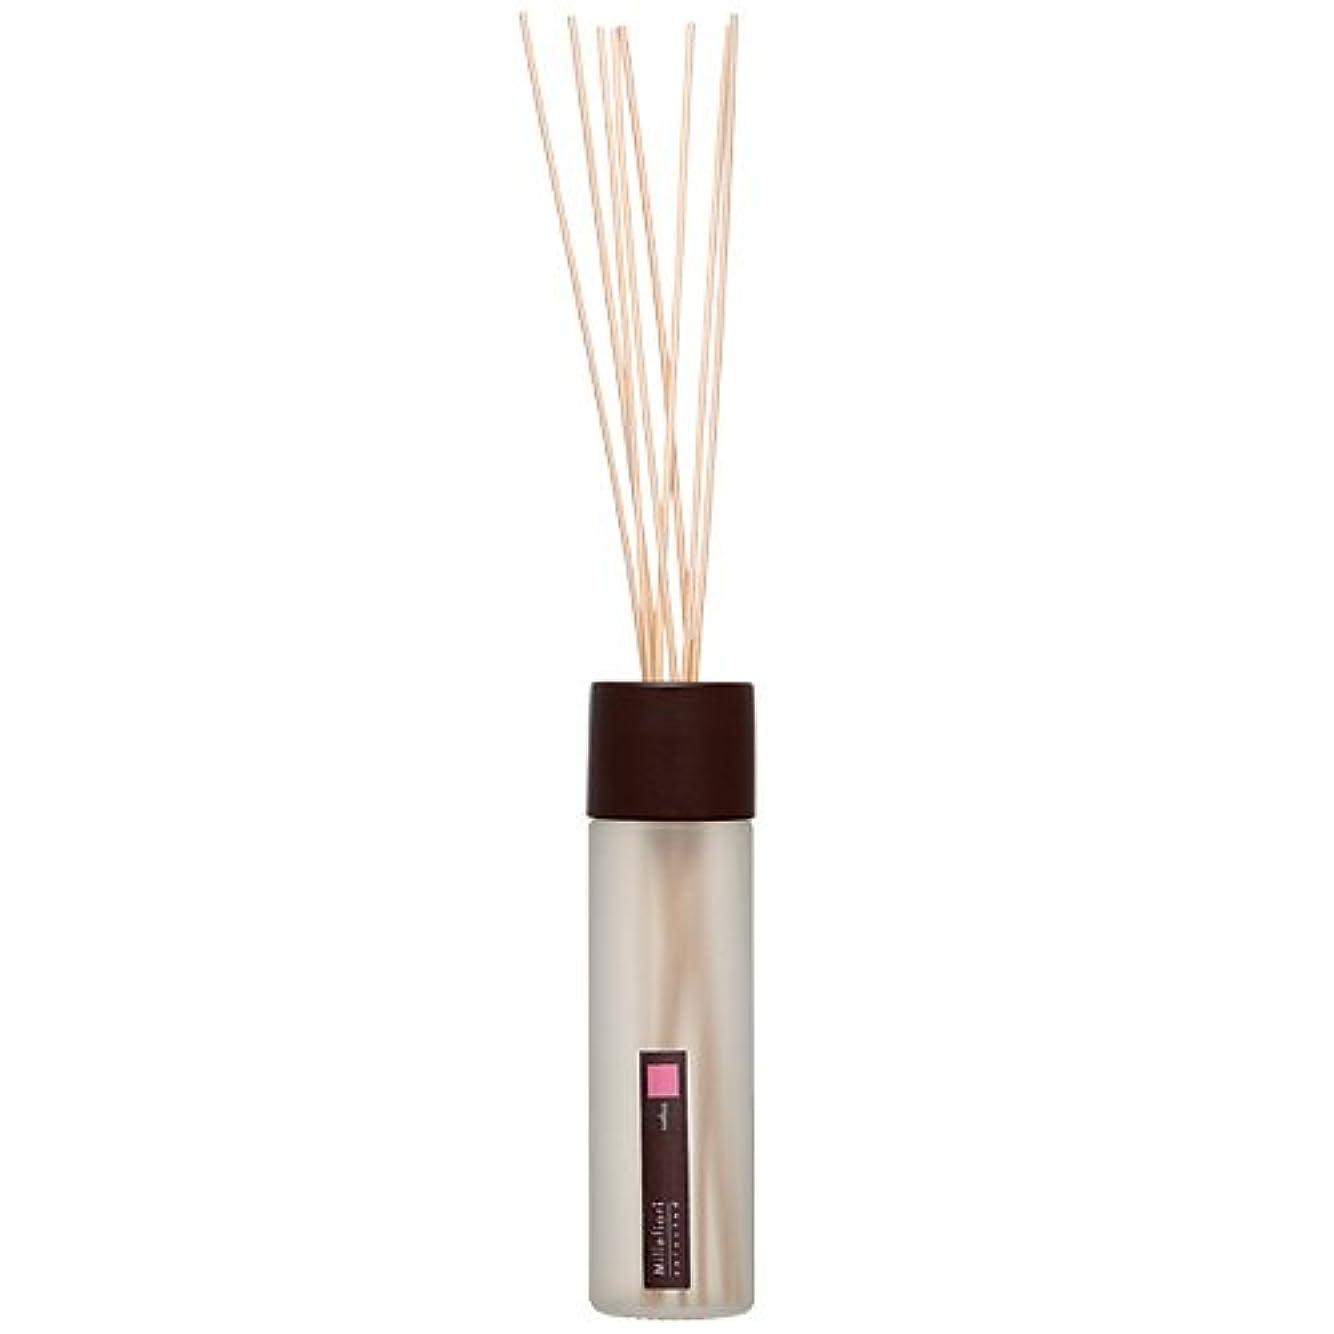 光沢のある舗装する新鮮なMillefiori [SELECTED] フレグランスディフューザー (M) ニンフィア SDIF-M-003